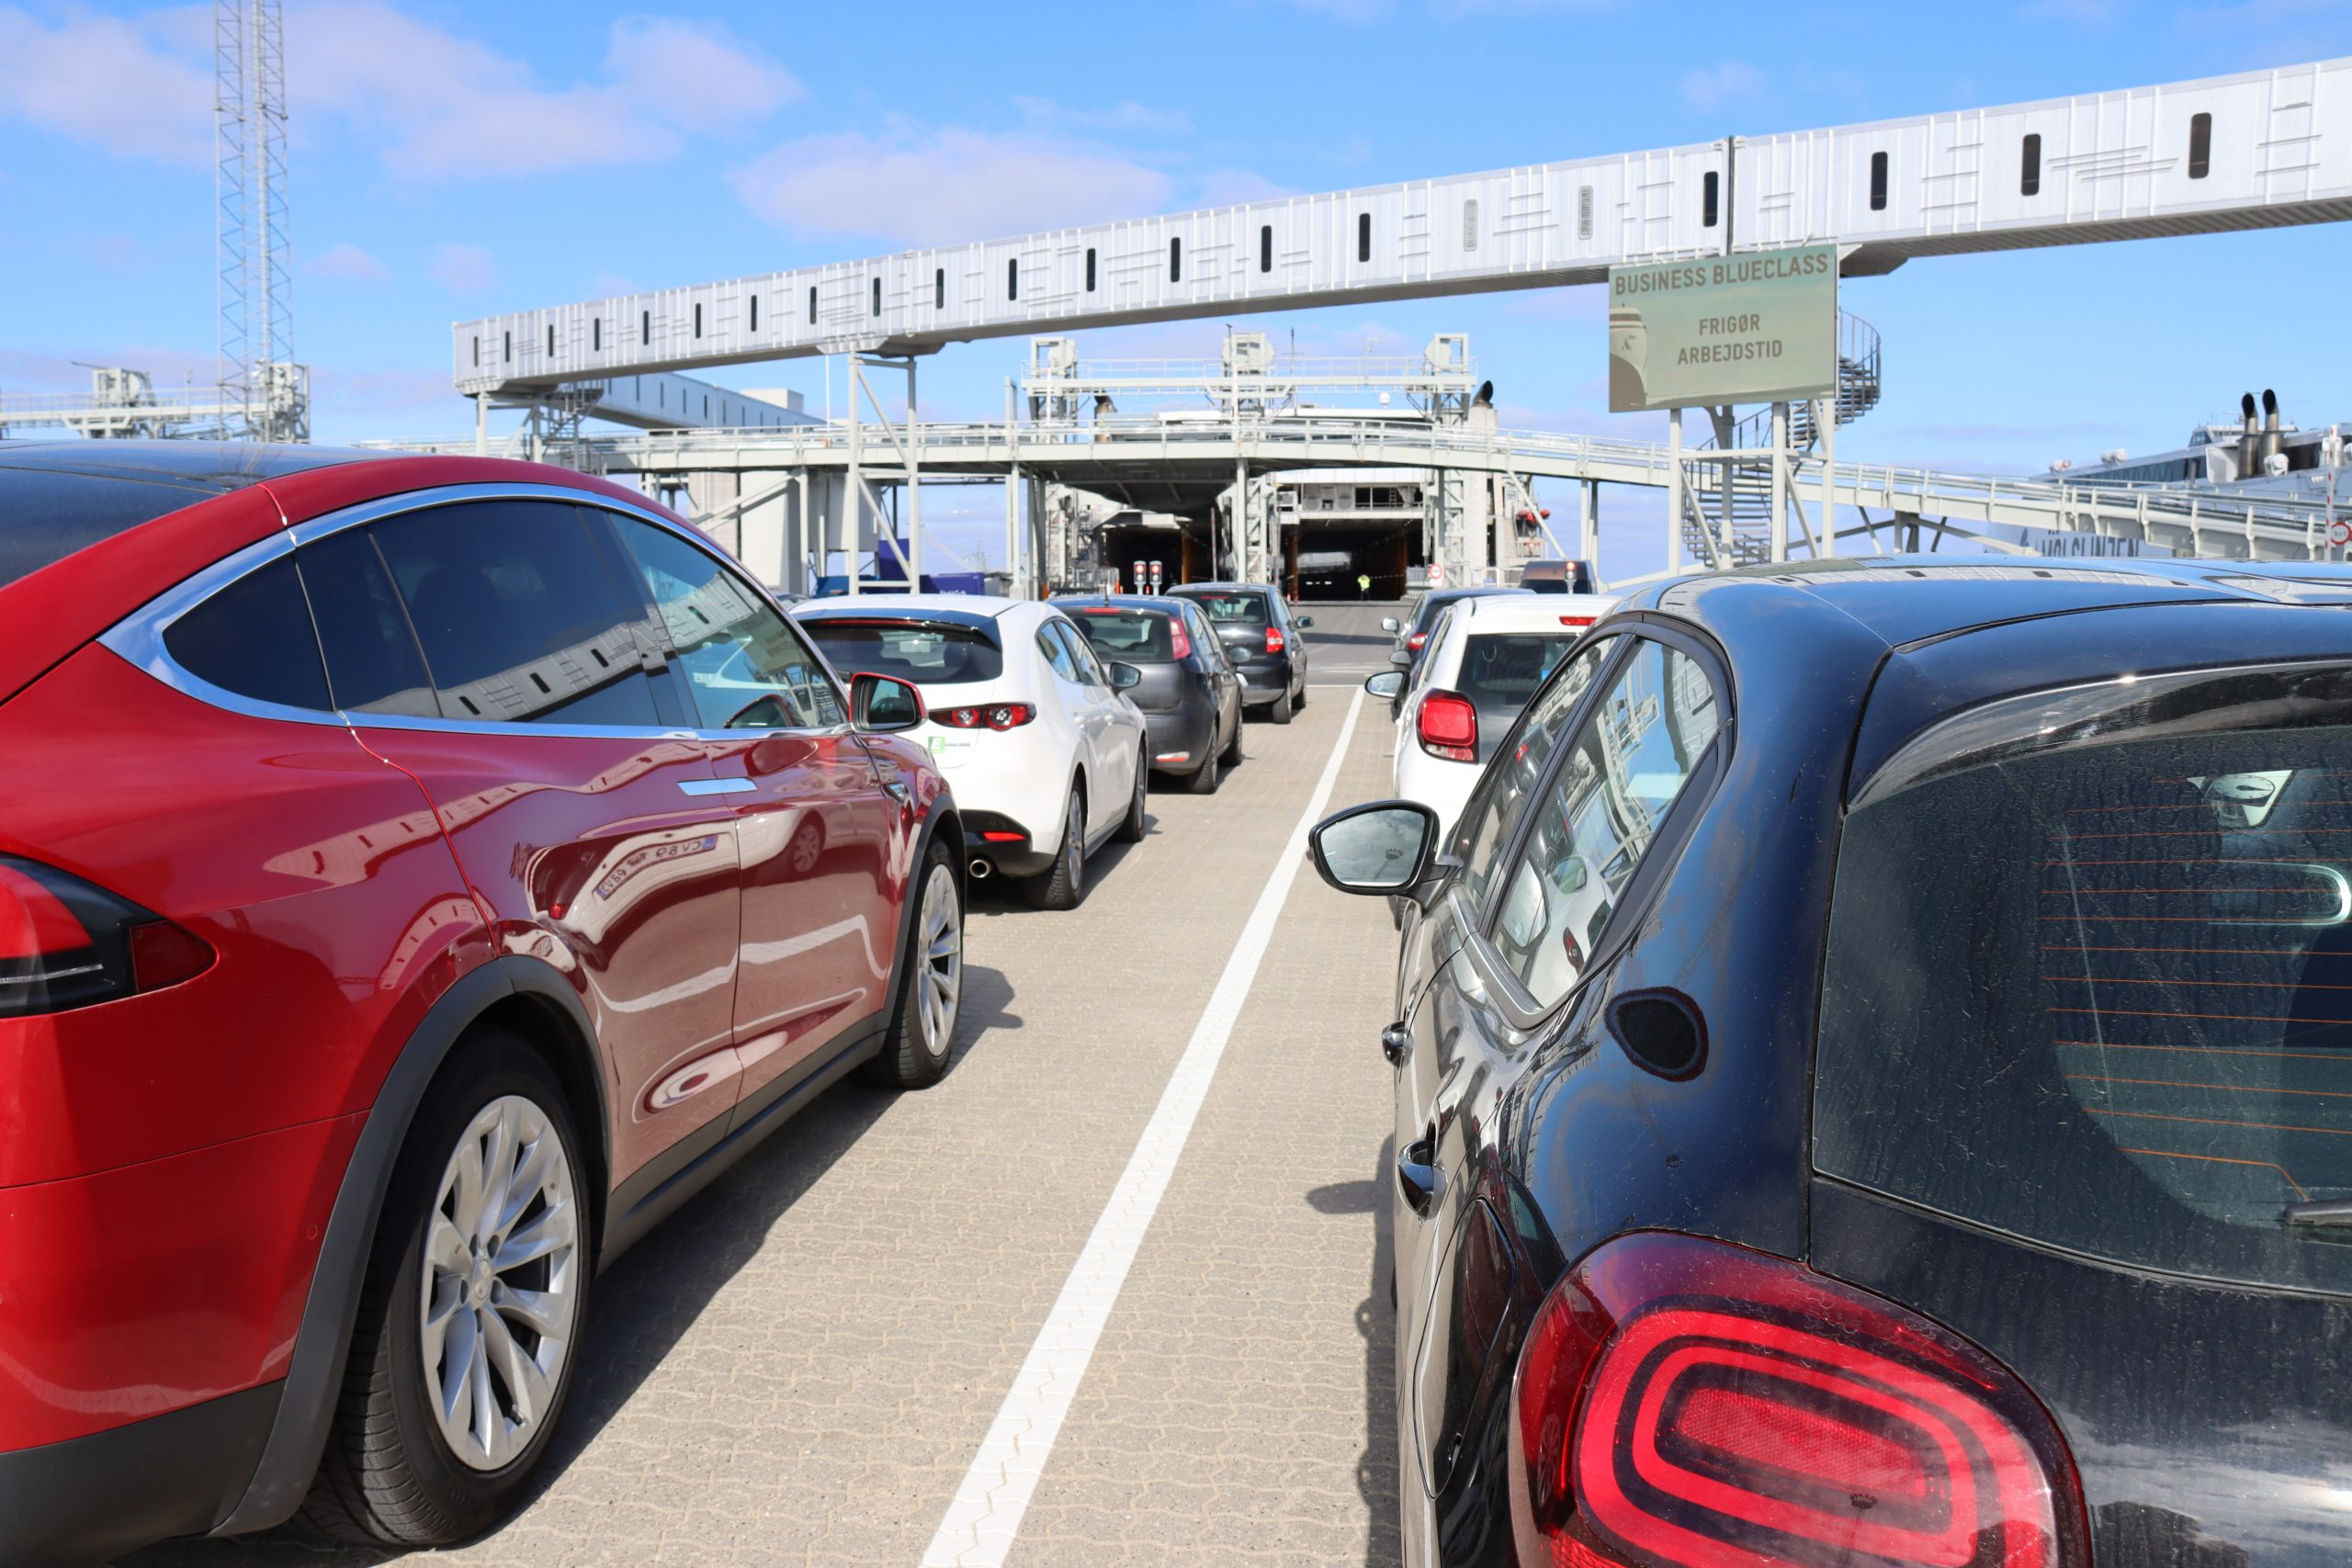 Fordelingen af bilerne på færgernes vogndæk på Molslinjen to største ruter, Odden-Aarhus samt Ystad-Bornholm, sker ved hjælp af avanceret kunstig intelligens. Pressefoto: Molslinjen.